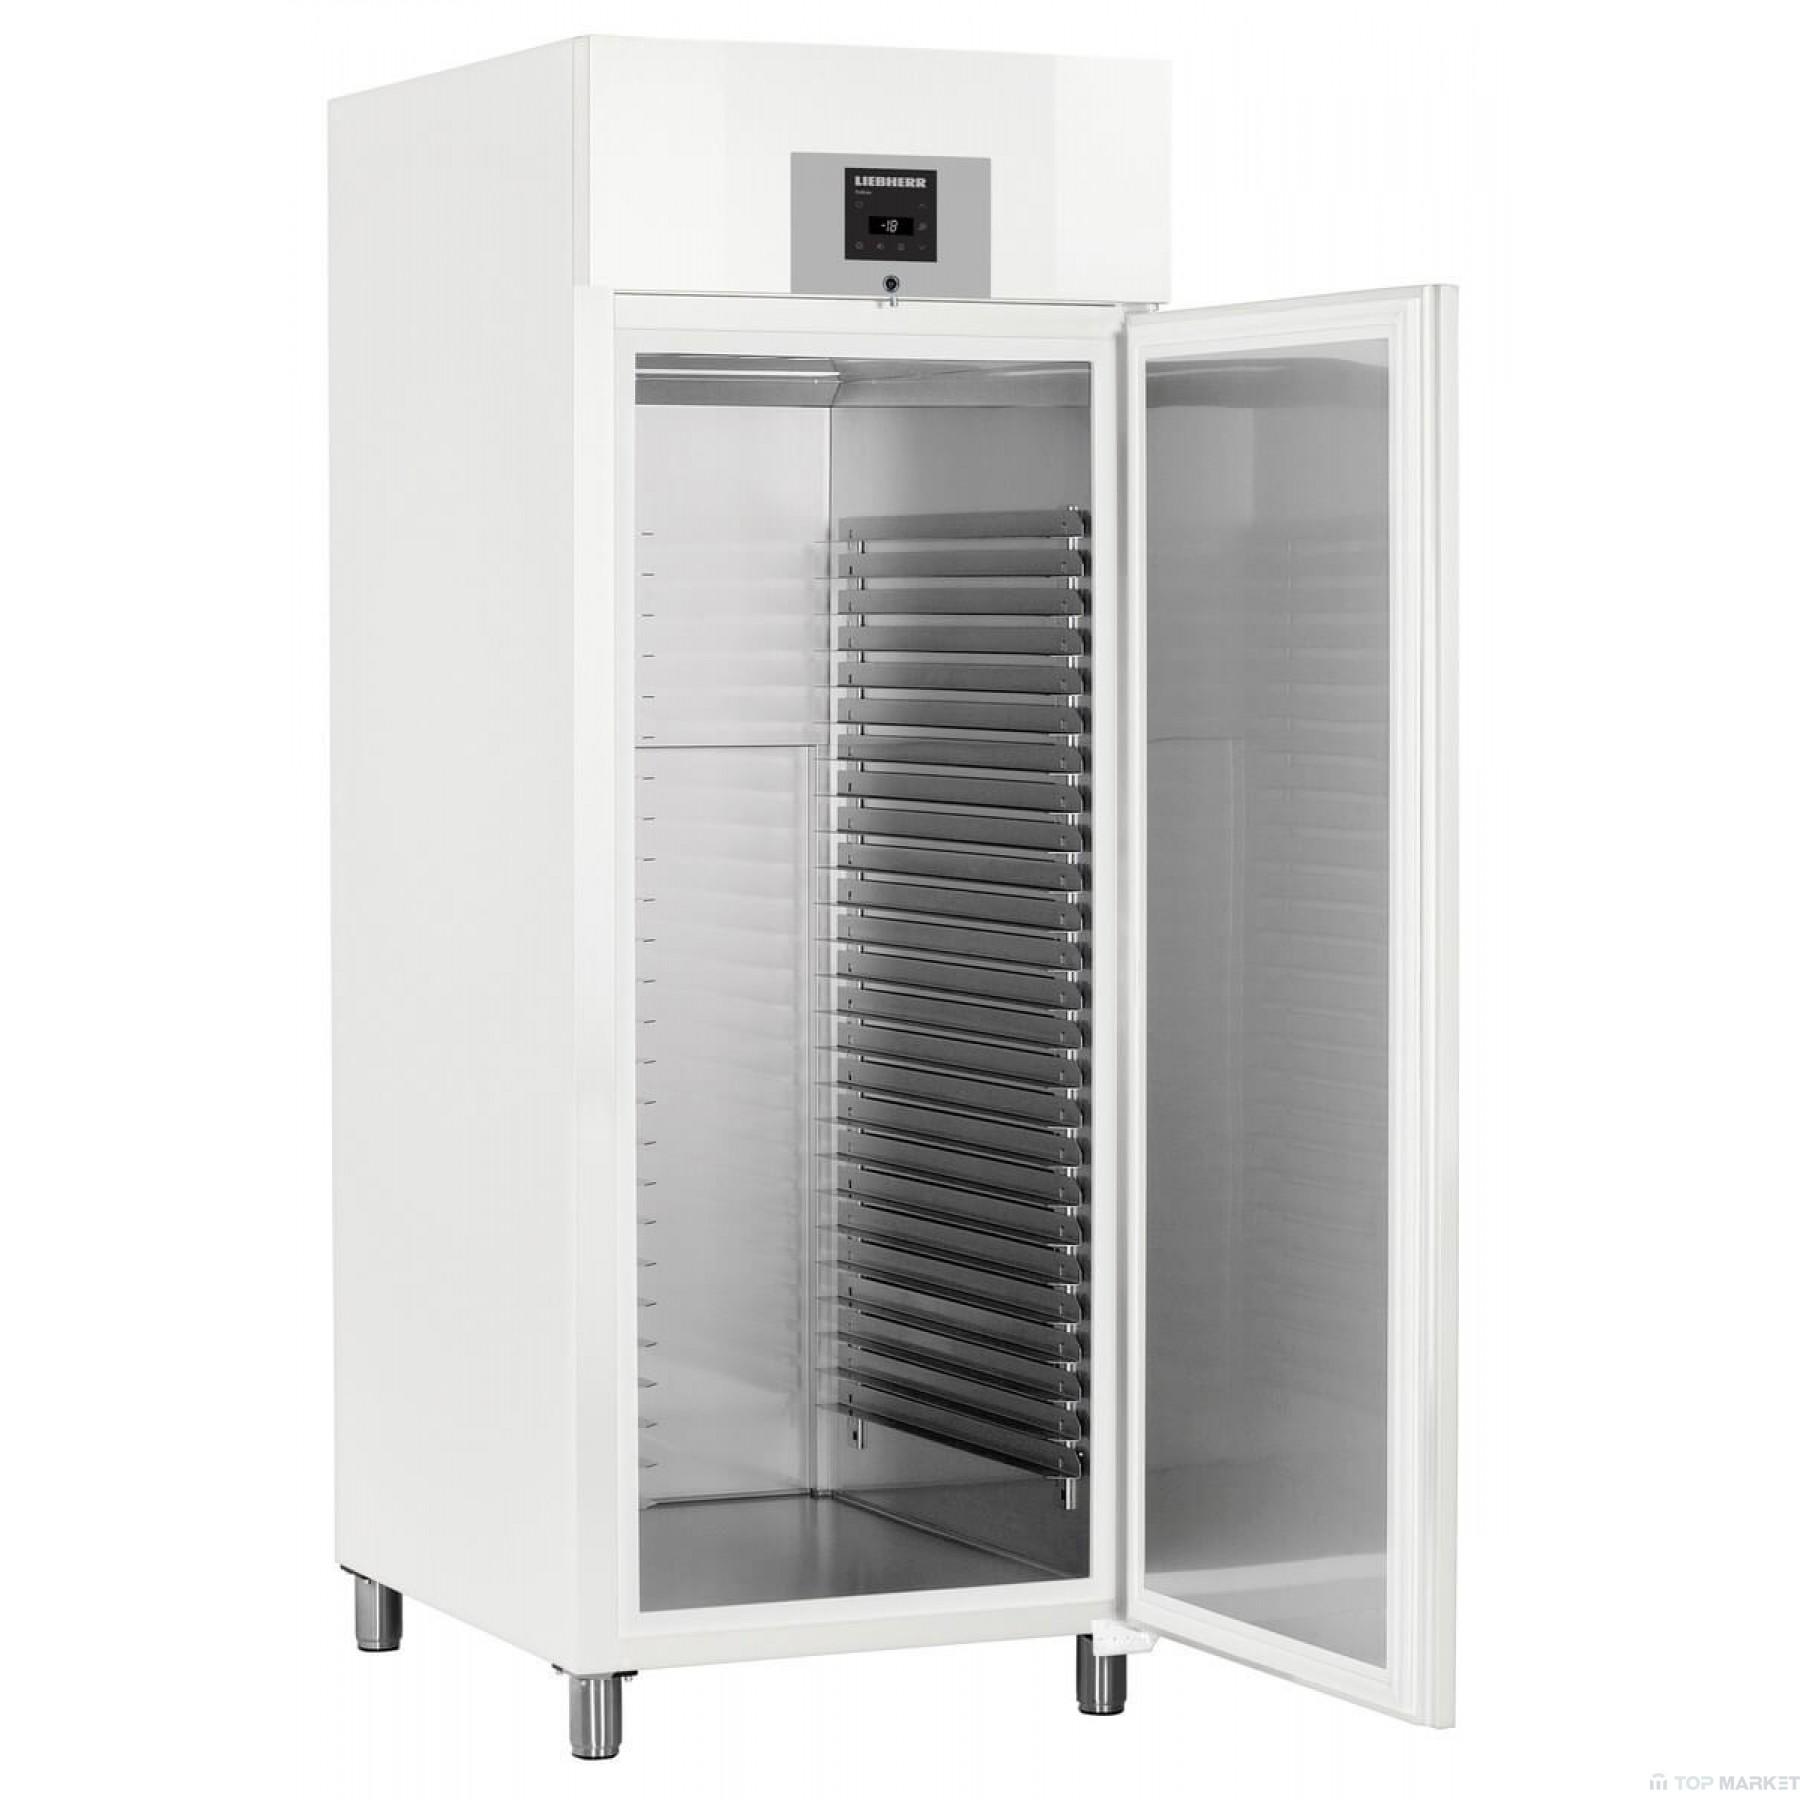 Фризер за хлебопекарни с динамично охлаждане LIEBHERR BGPv 8420